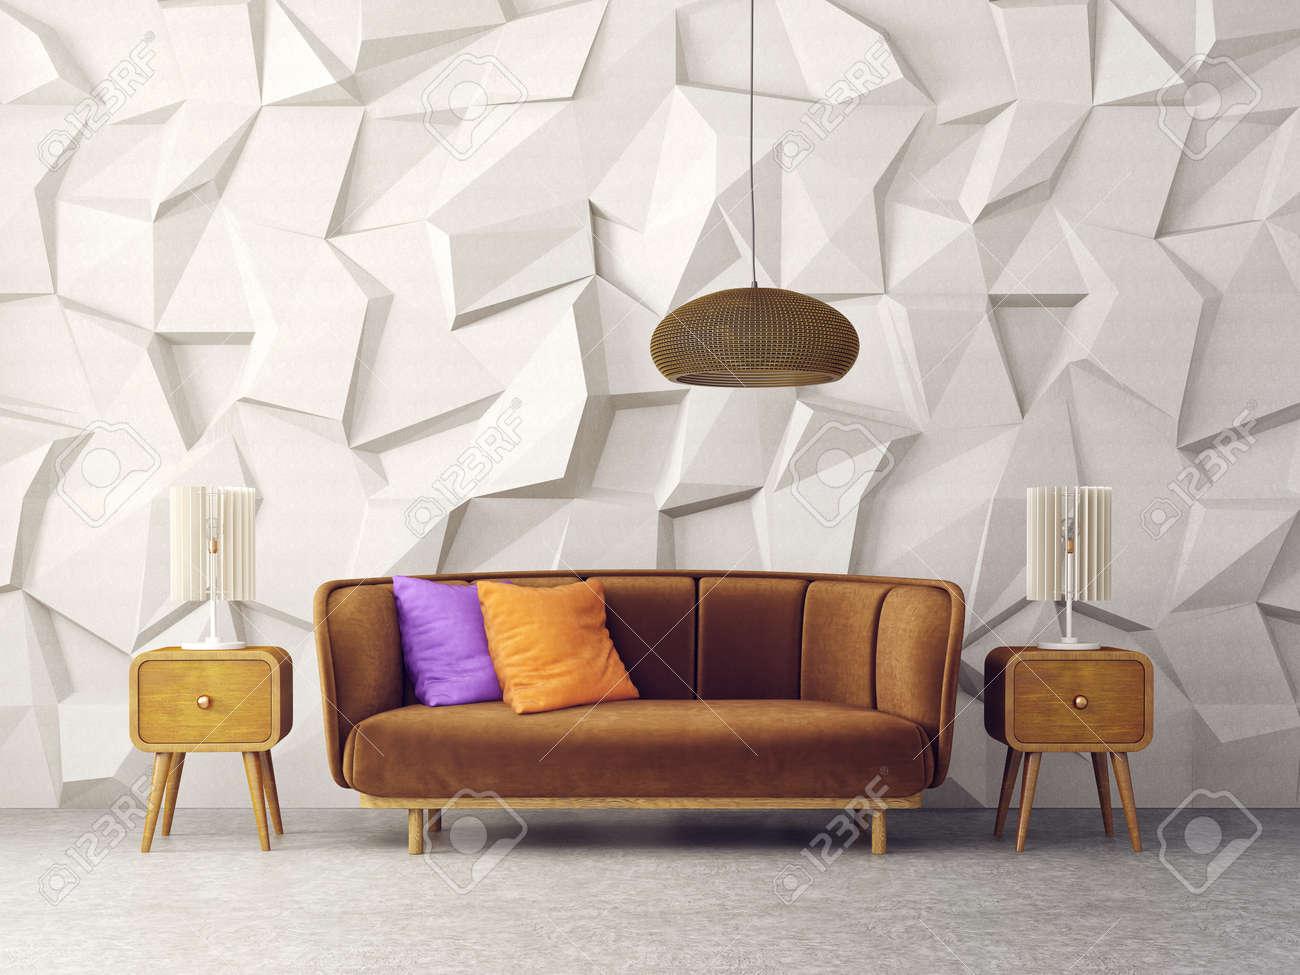 Modernes Wohnzimmer Mit Braunem Sofa Und Lampe. Skandinavische  Einrichtungsmöbel. 3d übertragen Abbildung Standard